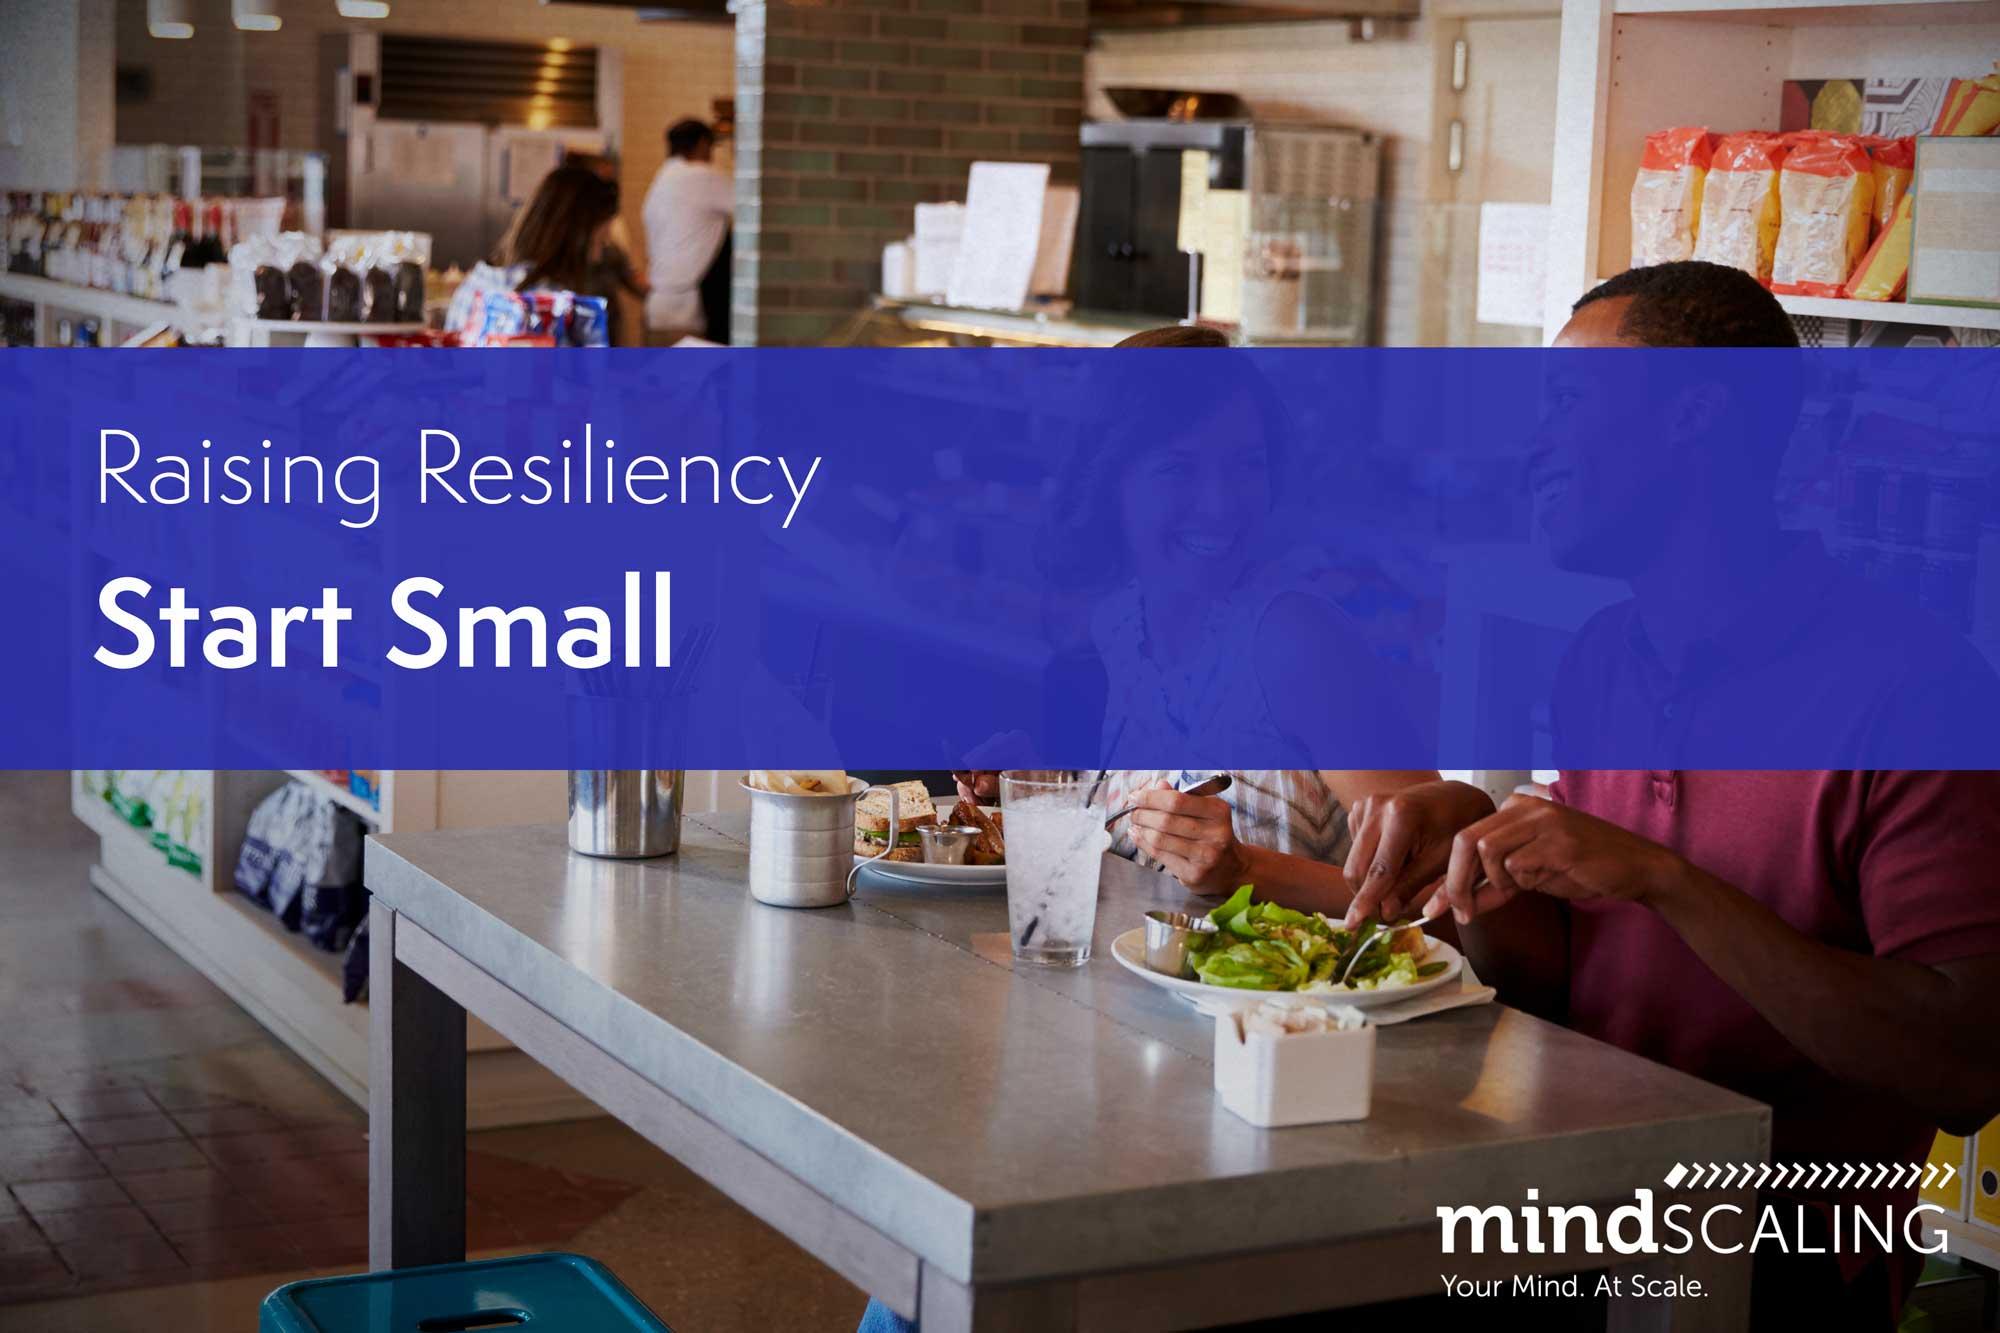 Raising Resiliency - Start Small